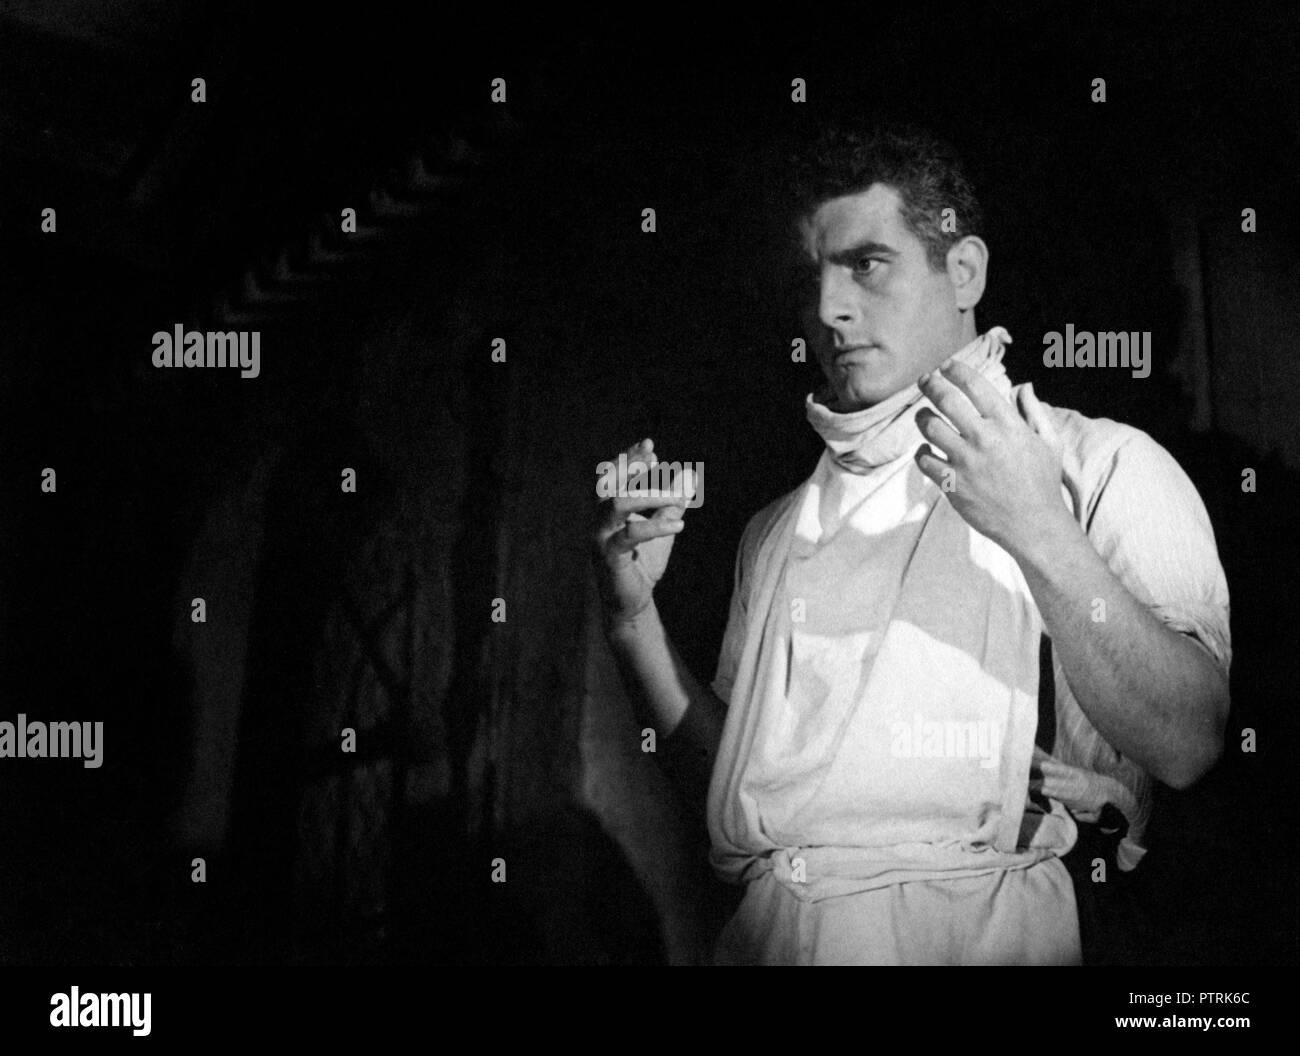 Prod DB © B.C.M. - La France en Marche / DR LE DIABLE SOUFFLE de Edmond T. Greville 1947 FRA. Jean Chevrier. chirurgien; surgeon - Stock Image